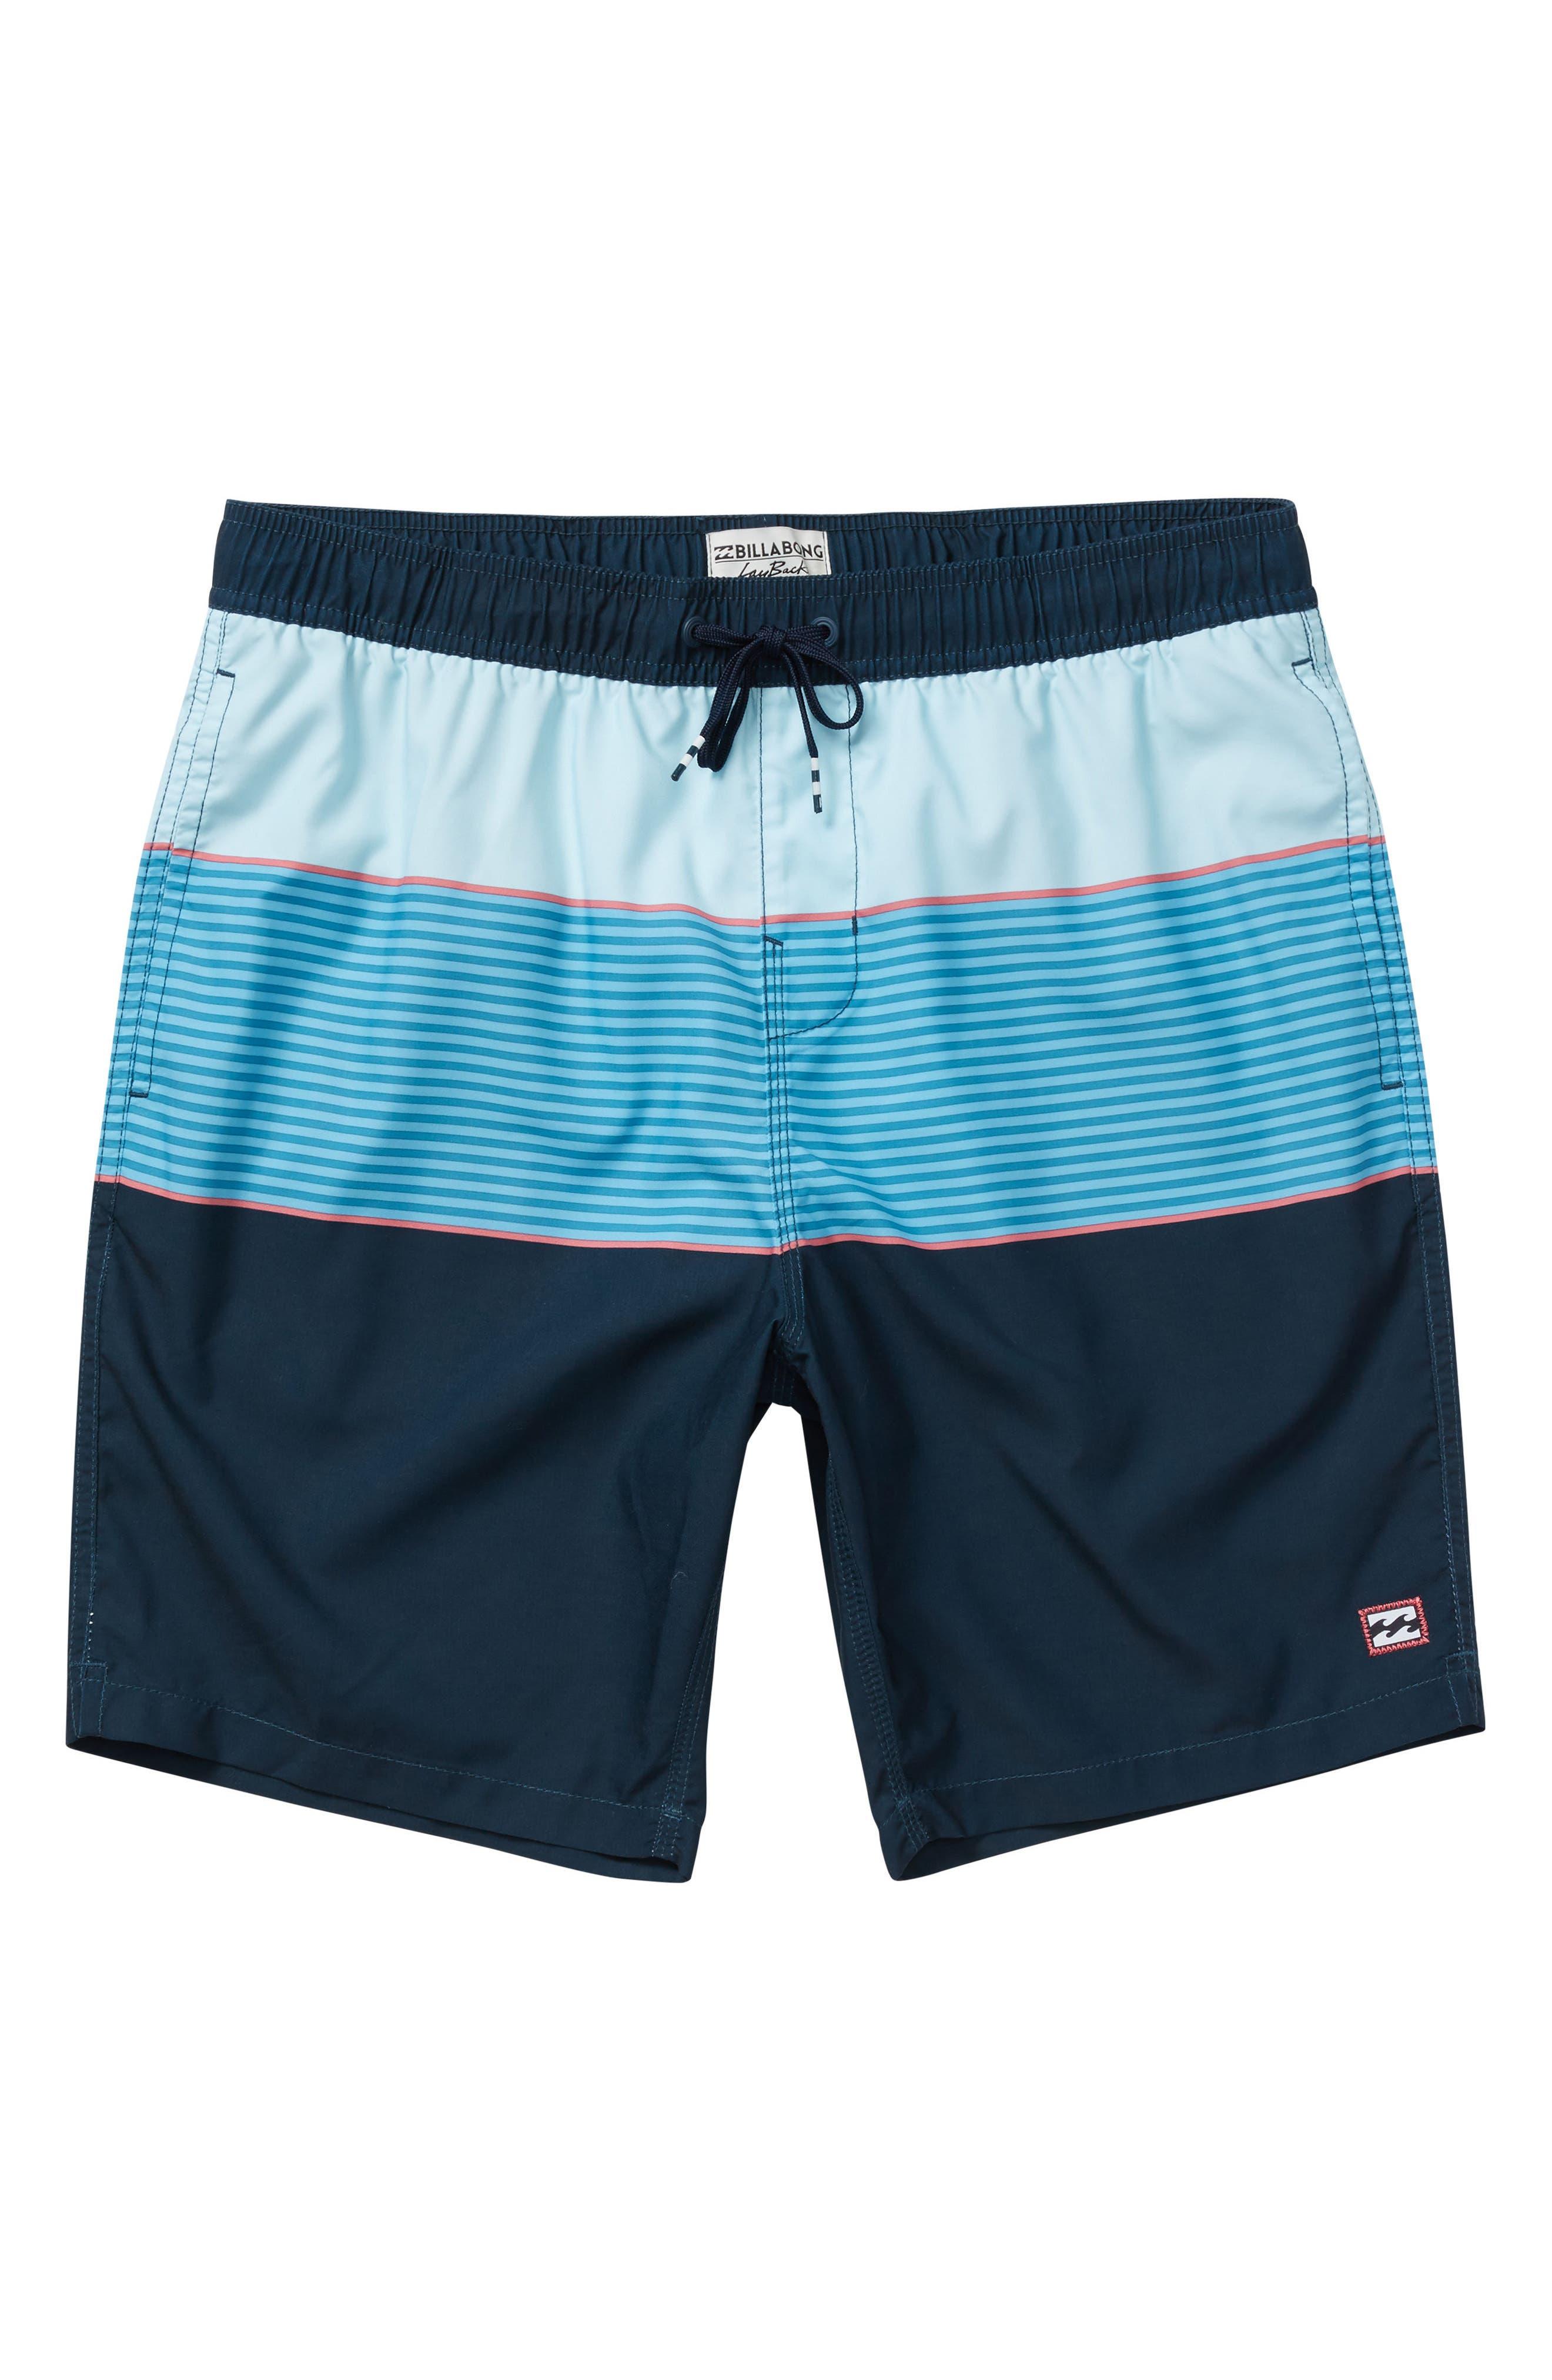 Tribong Layback Board Shorts,                             Main thumbnail 1, color,                             428